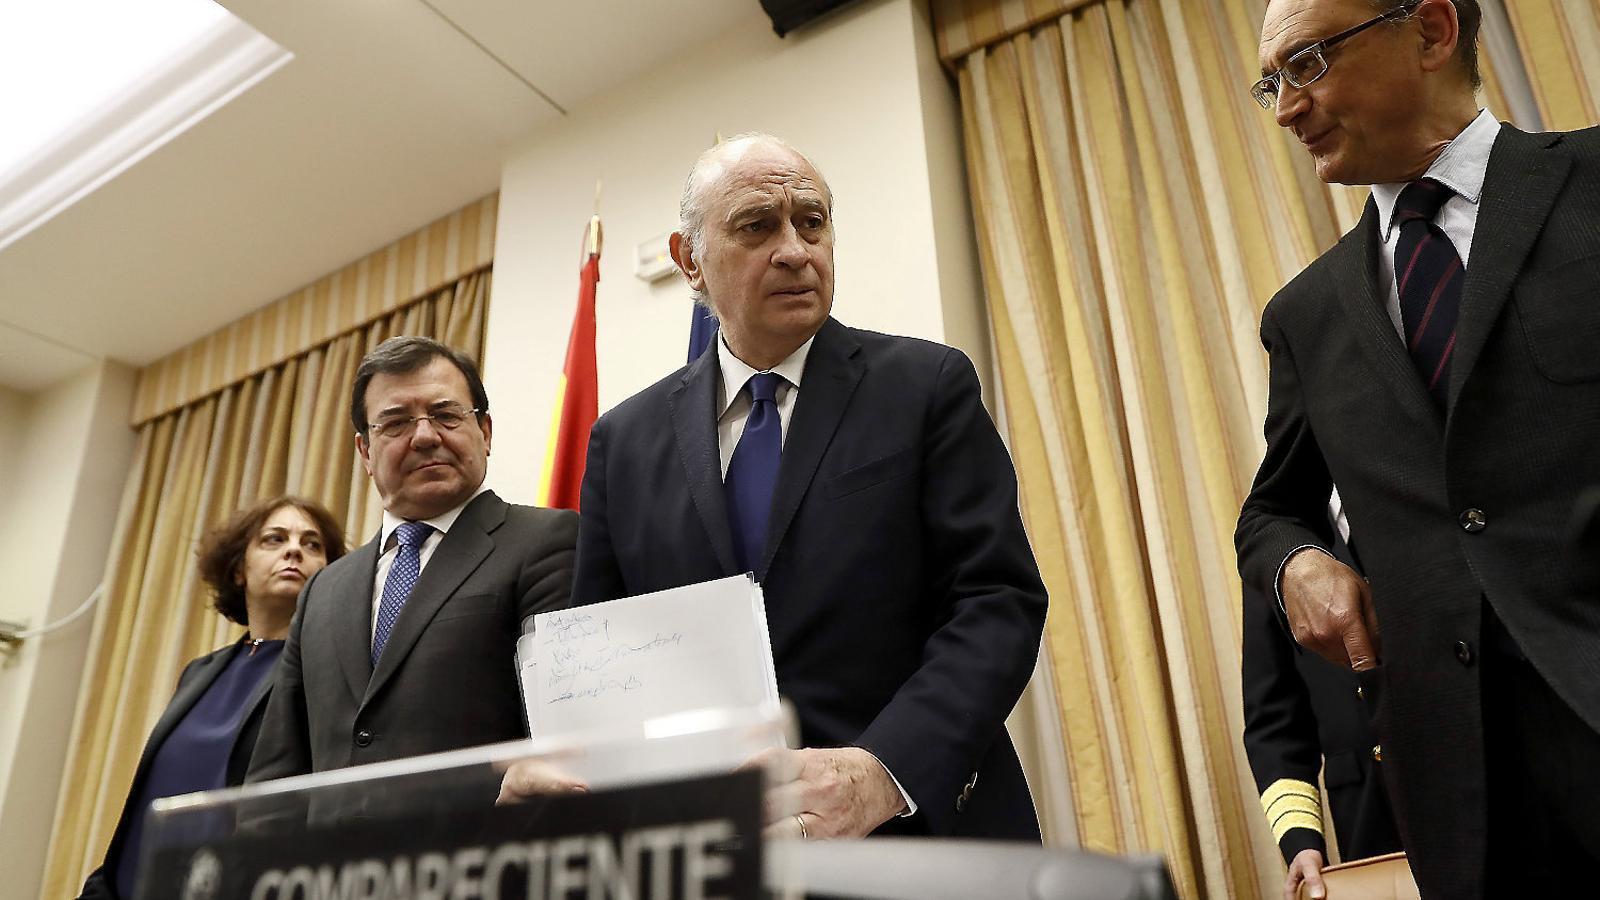 El Congrés conclou que va existir l'operació Catalunya però no ho portarà a la fiscalia